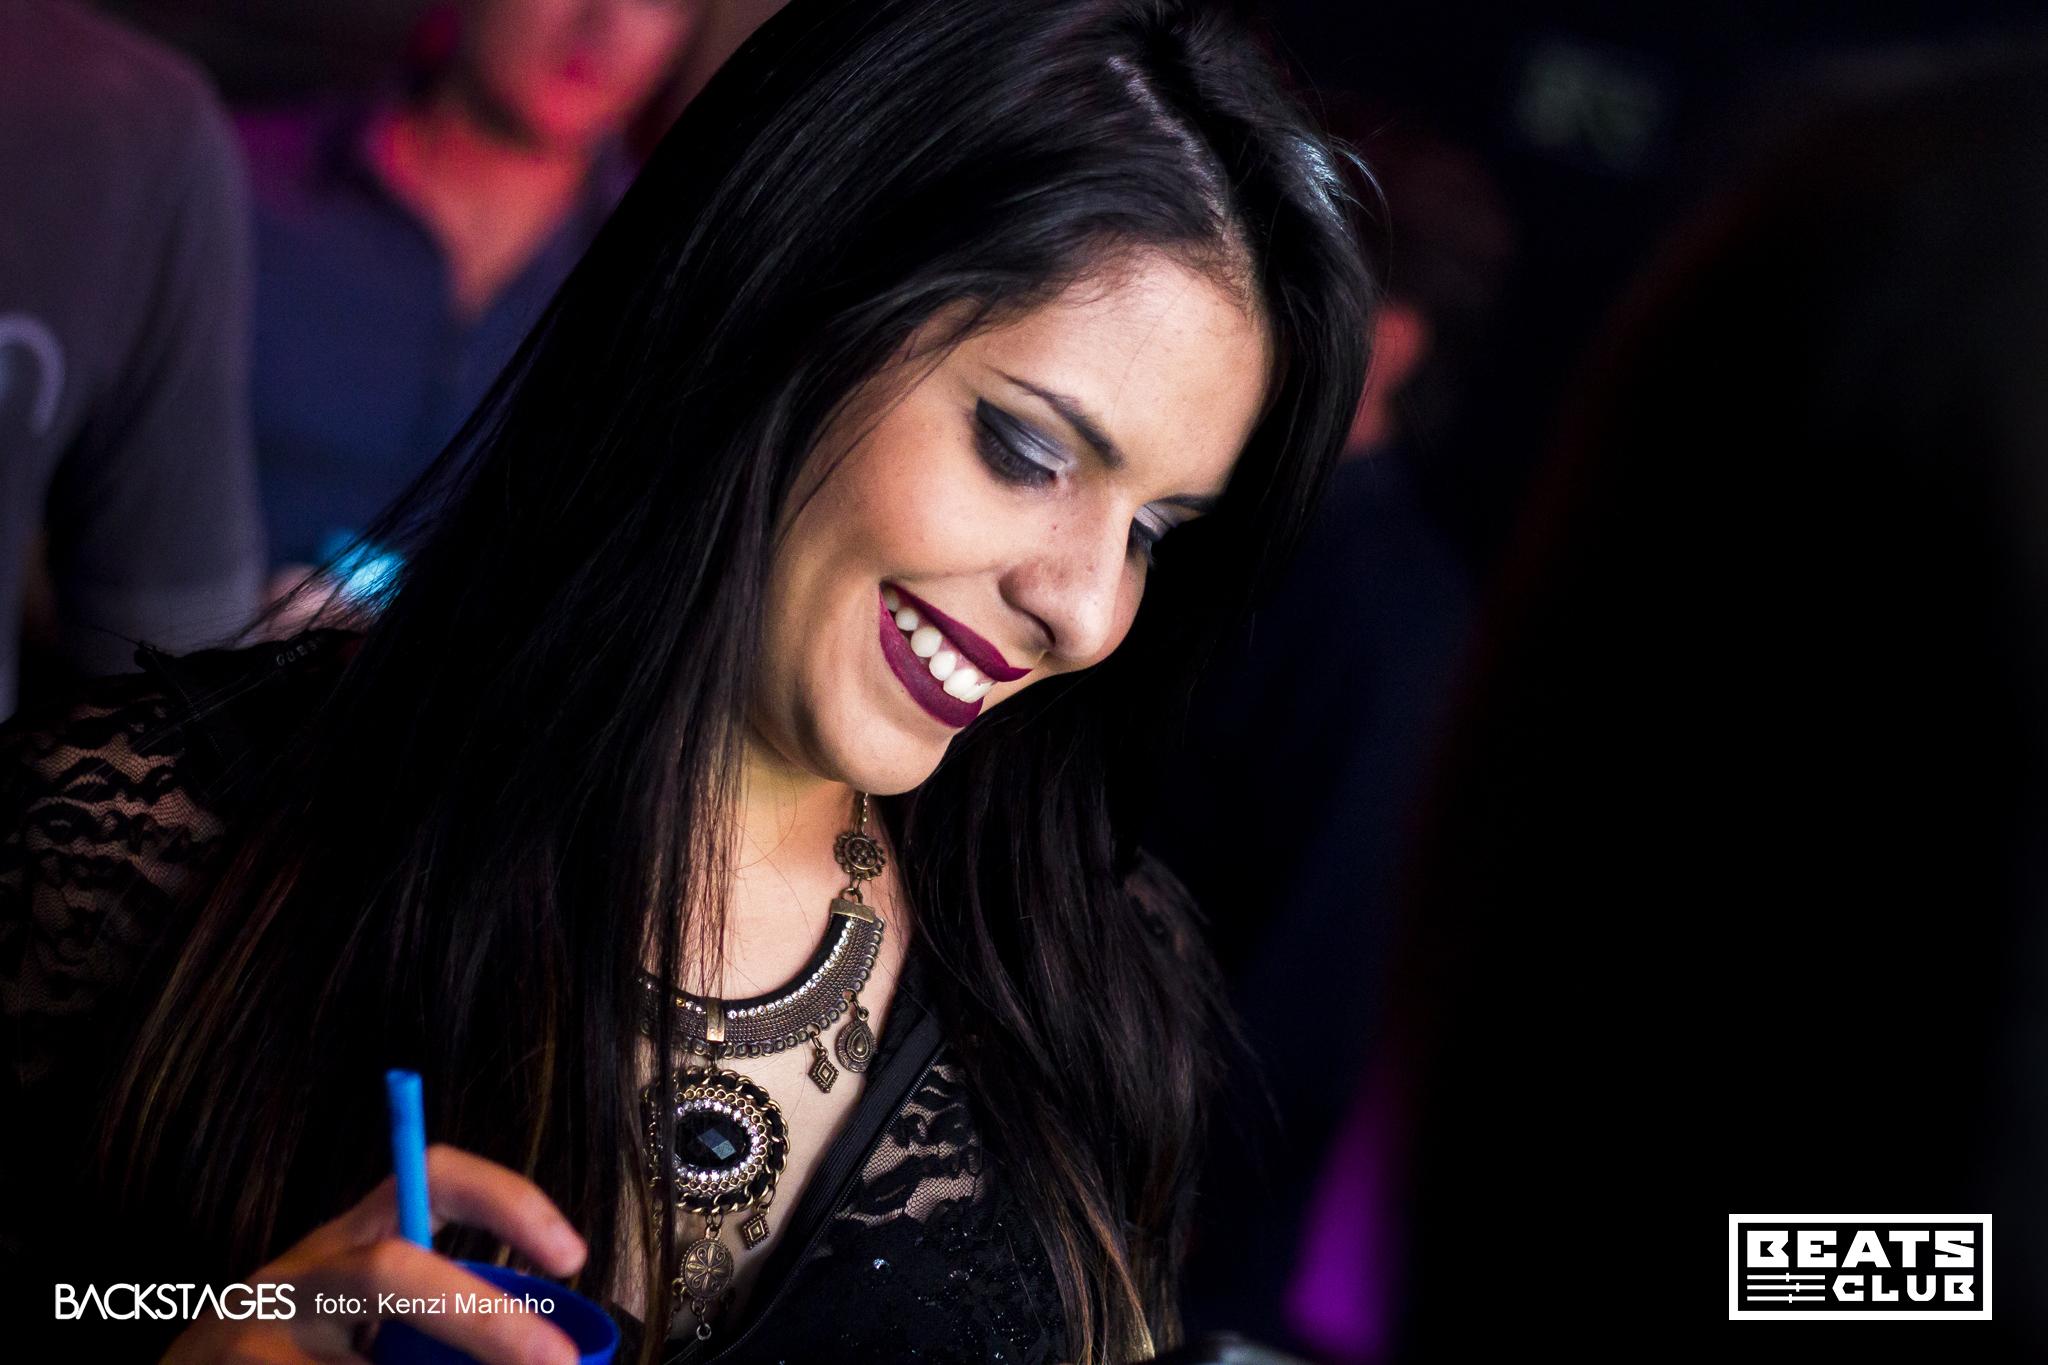 Beats Club - Inauguração 06.05.2017 - Kenzi Marinho (50)